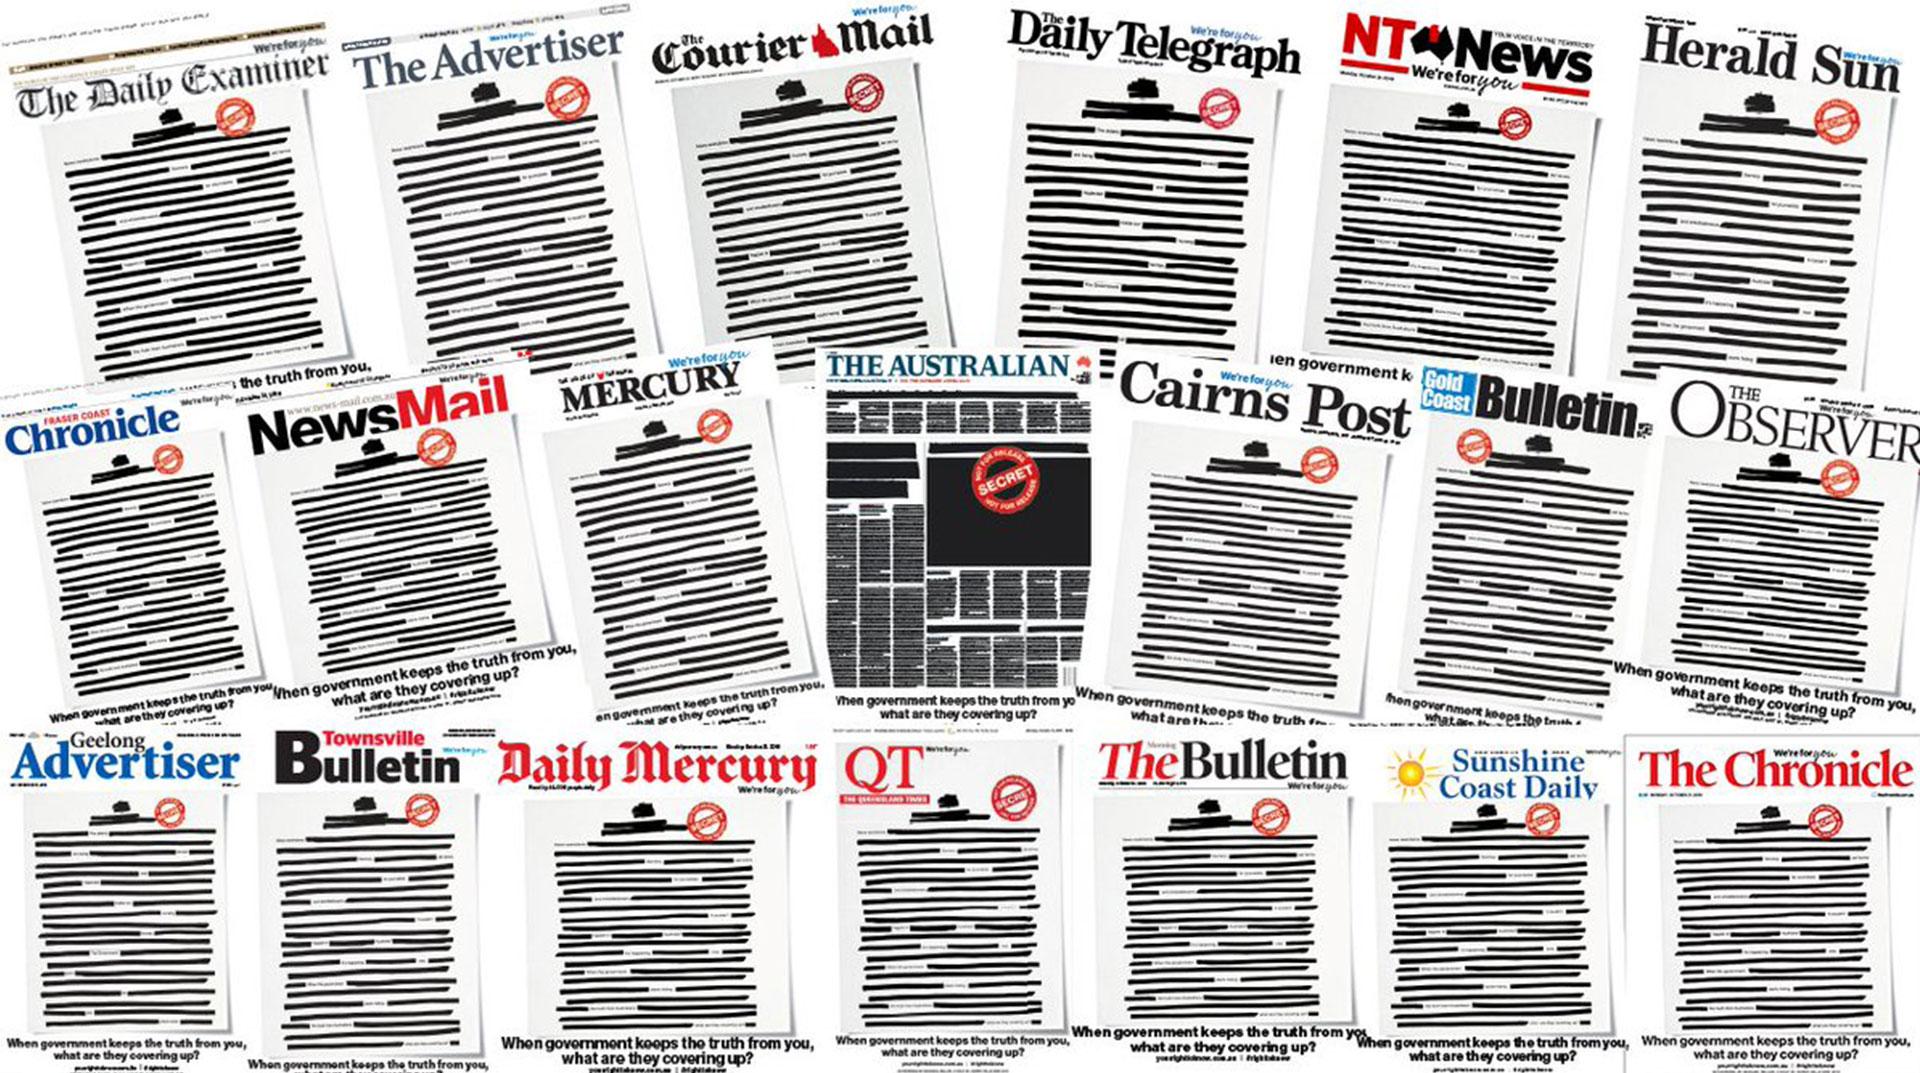 Avustralya'da Hükümete Tepki: Gazeteler İlk Sayfalarını Kararttı